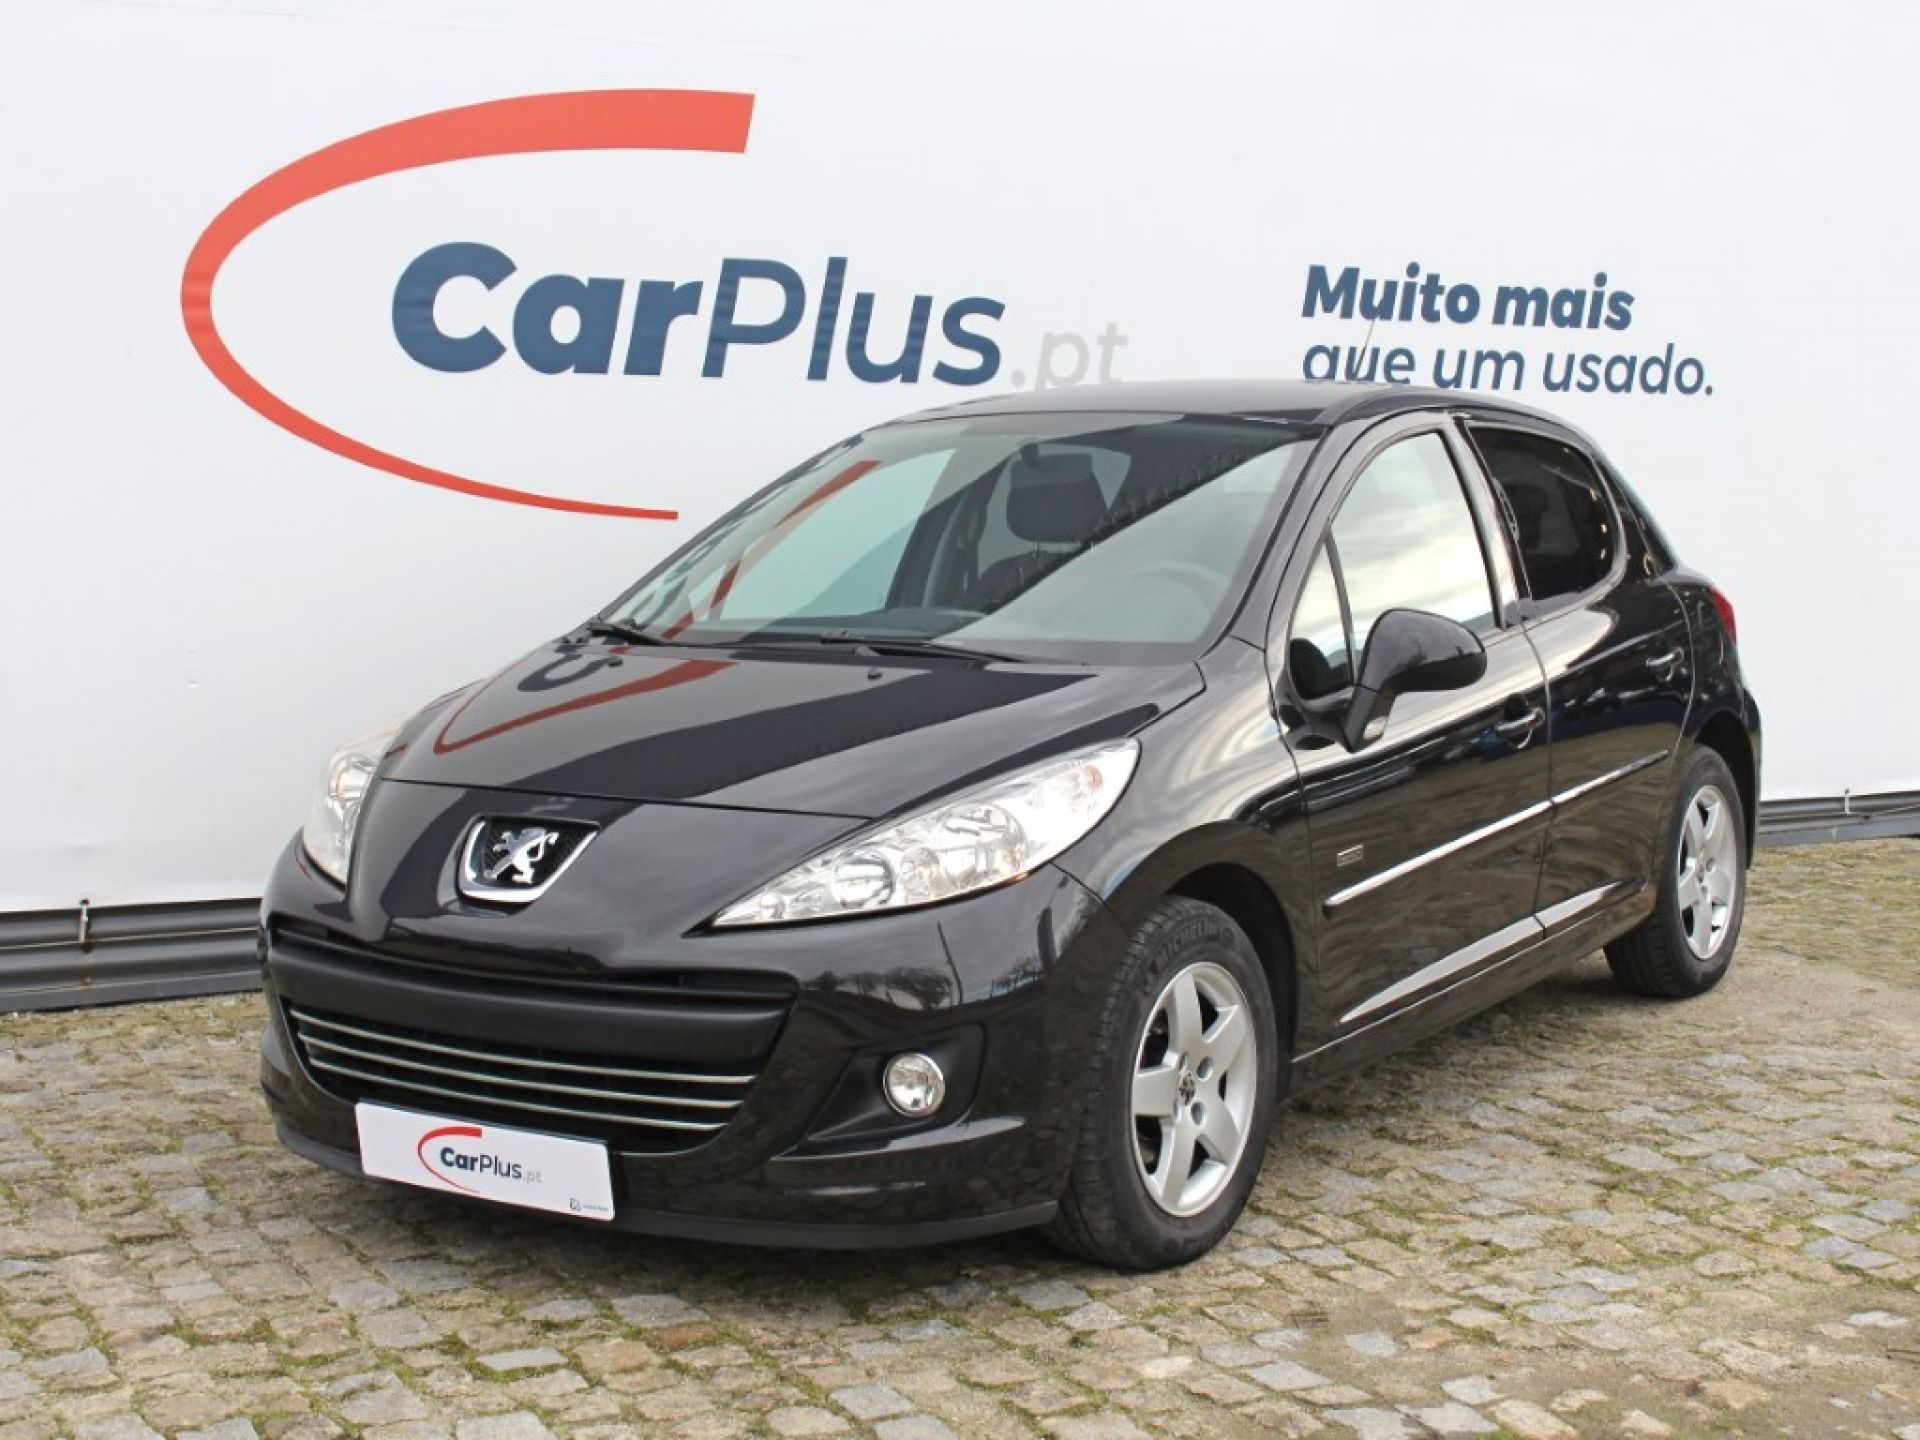 Peugeot 207 Premium 1.4 HDi 5p segunda mão Porto